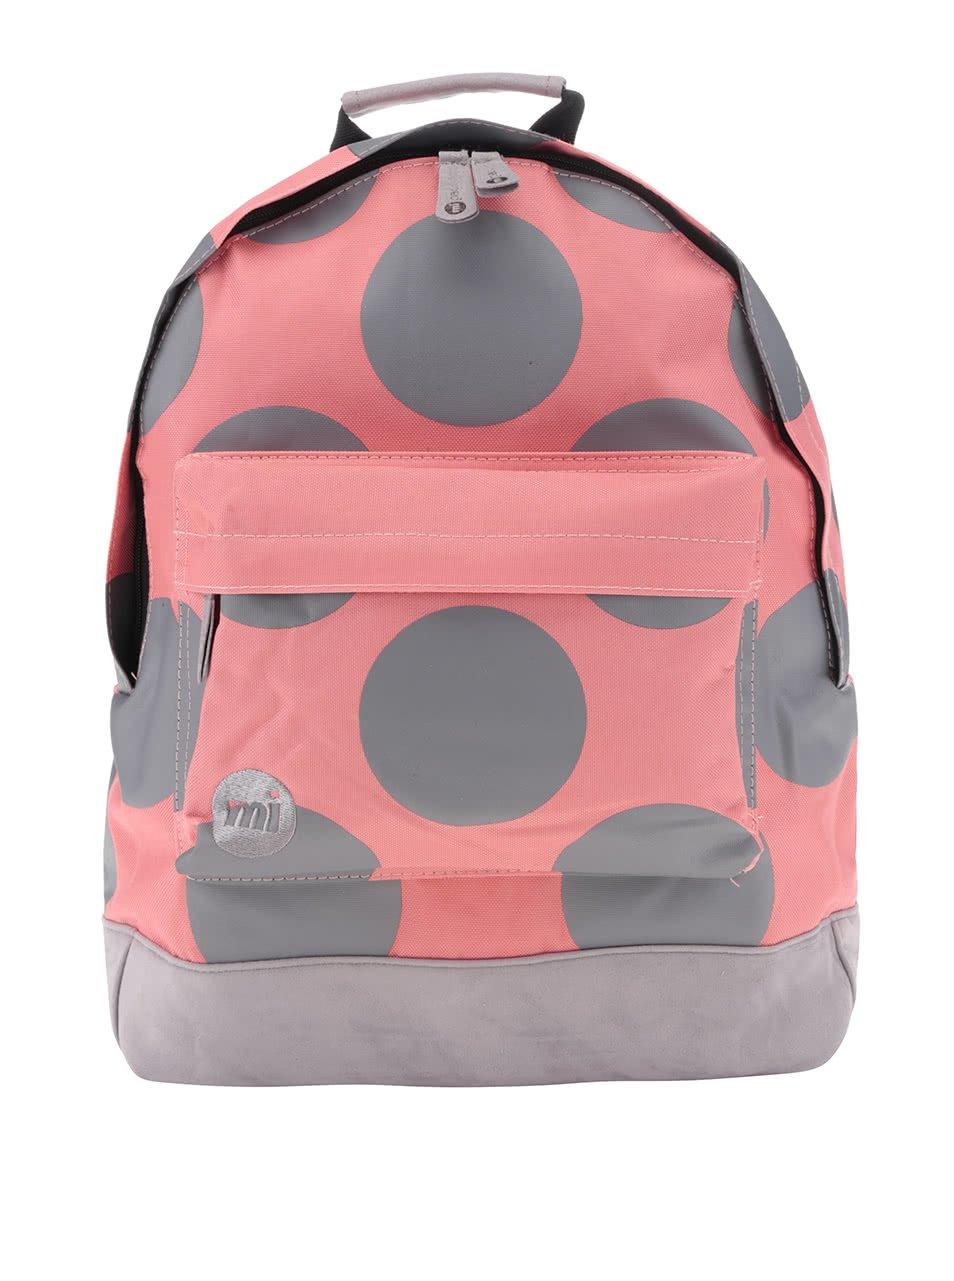 Šedo-růžový dámský batoh s puntíky Mi-Pac All Polka XL